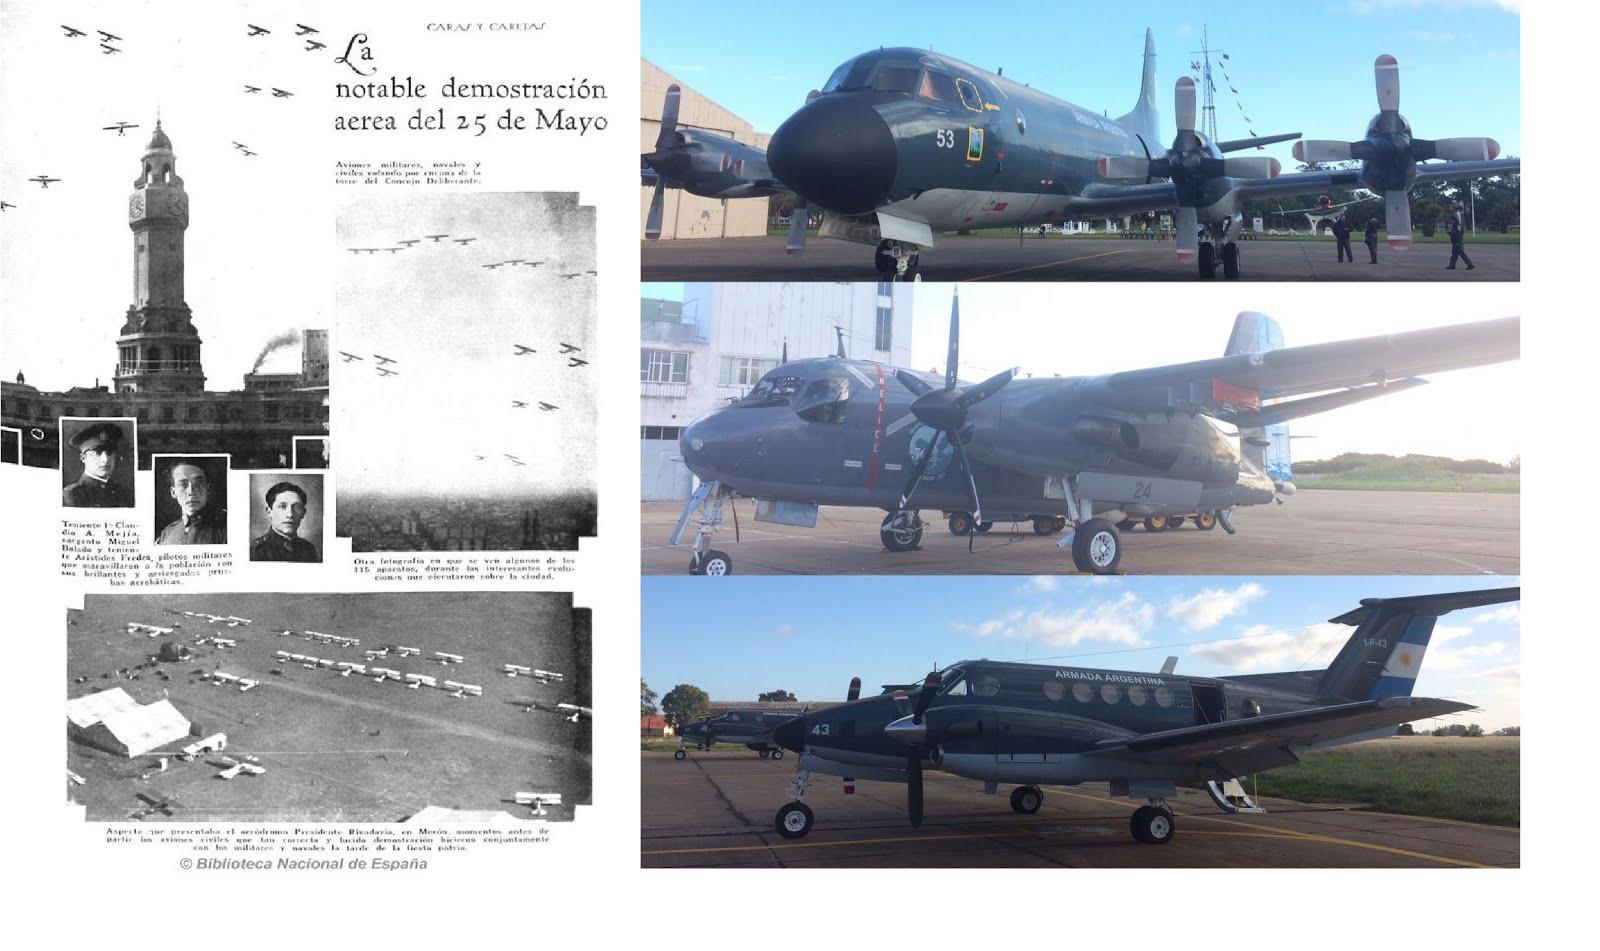 25 de Mayo – La Aviación Naval Argentina en el desfile aéreo